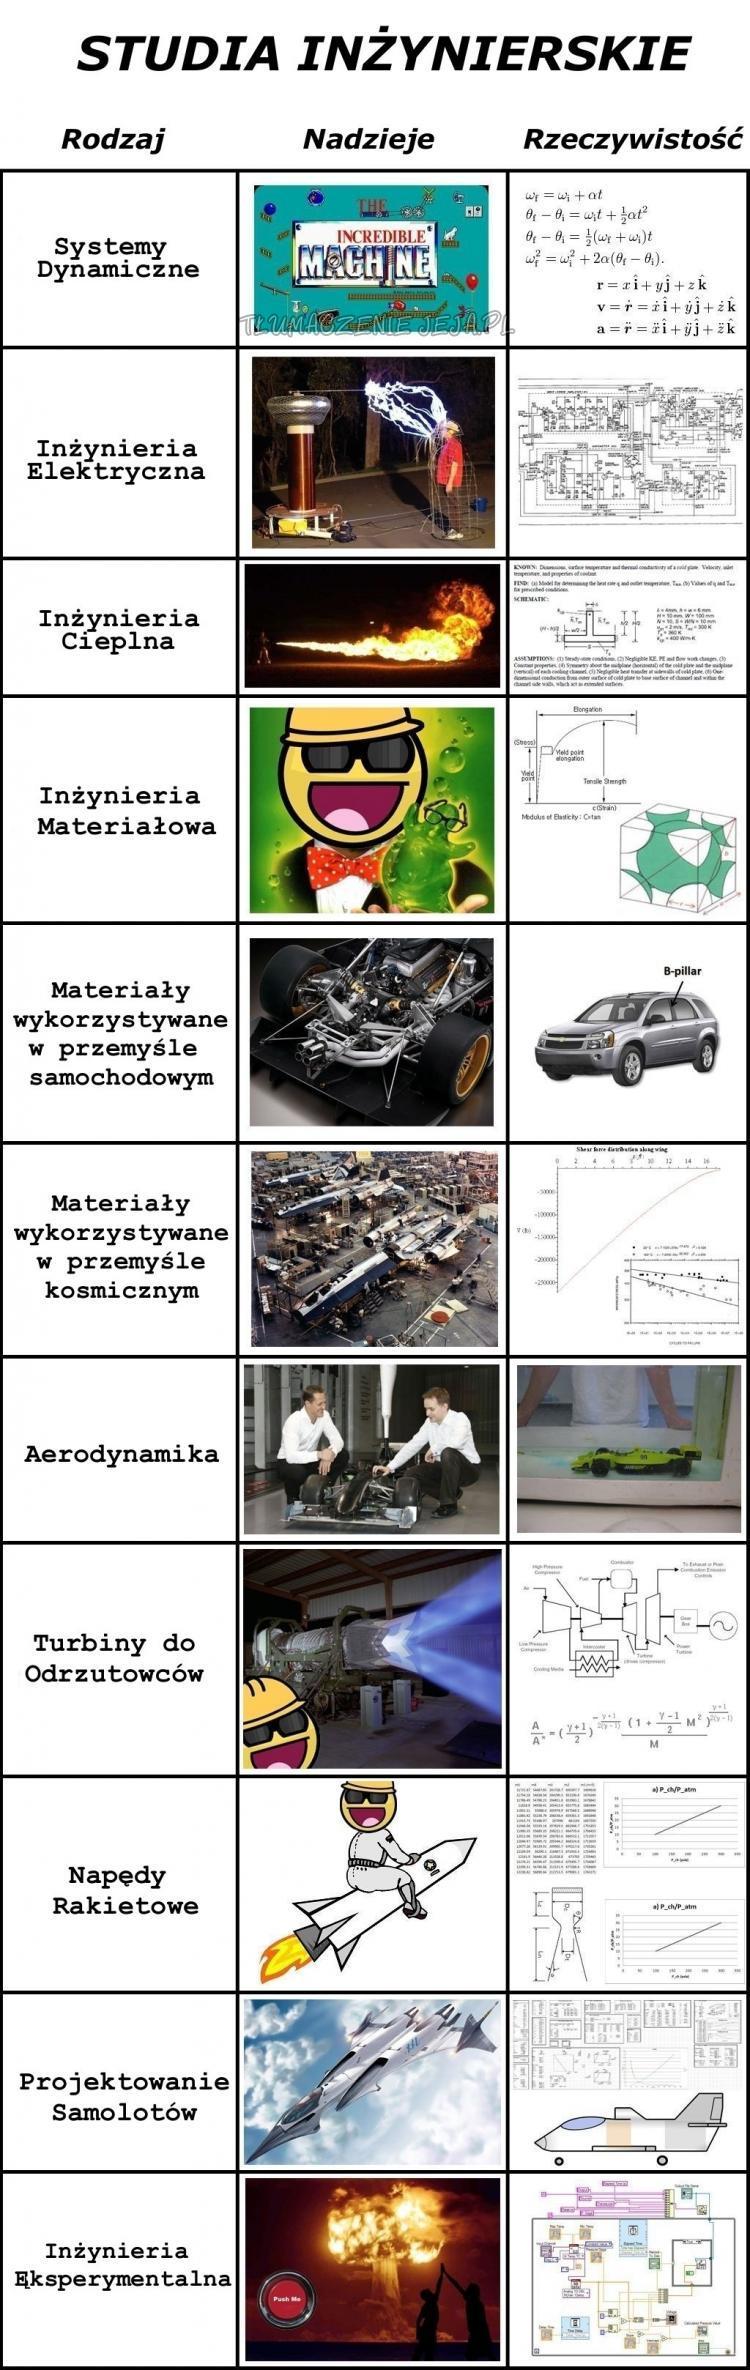 Studia inżynierskie - nadzieje vs rzeczywistość